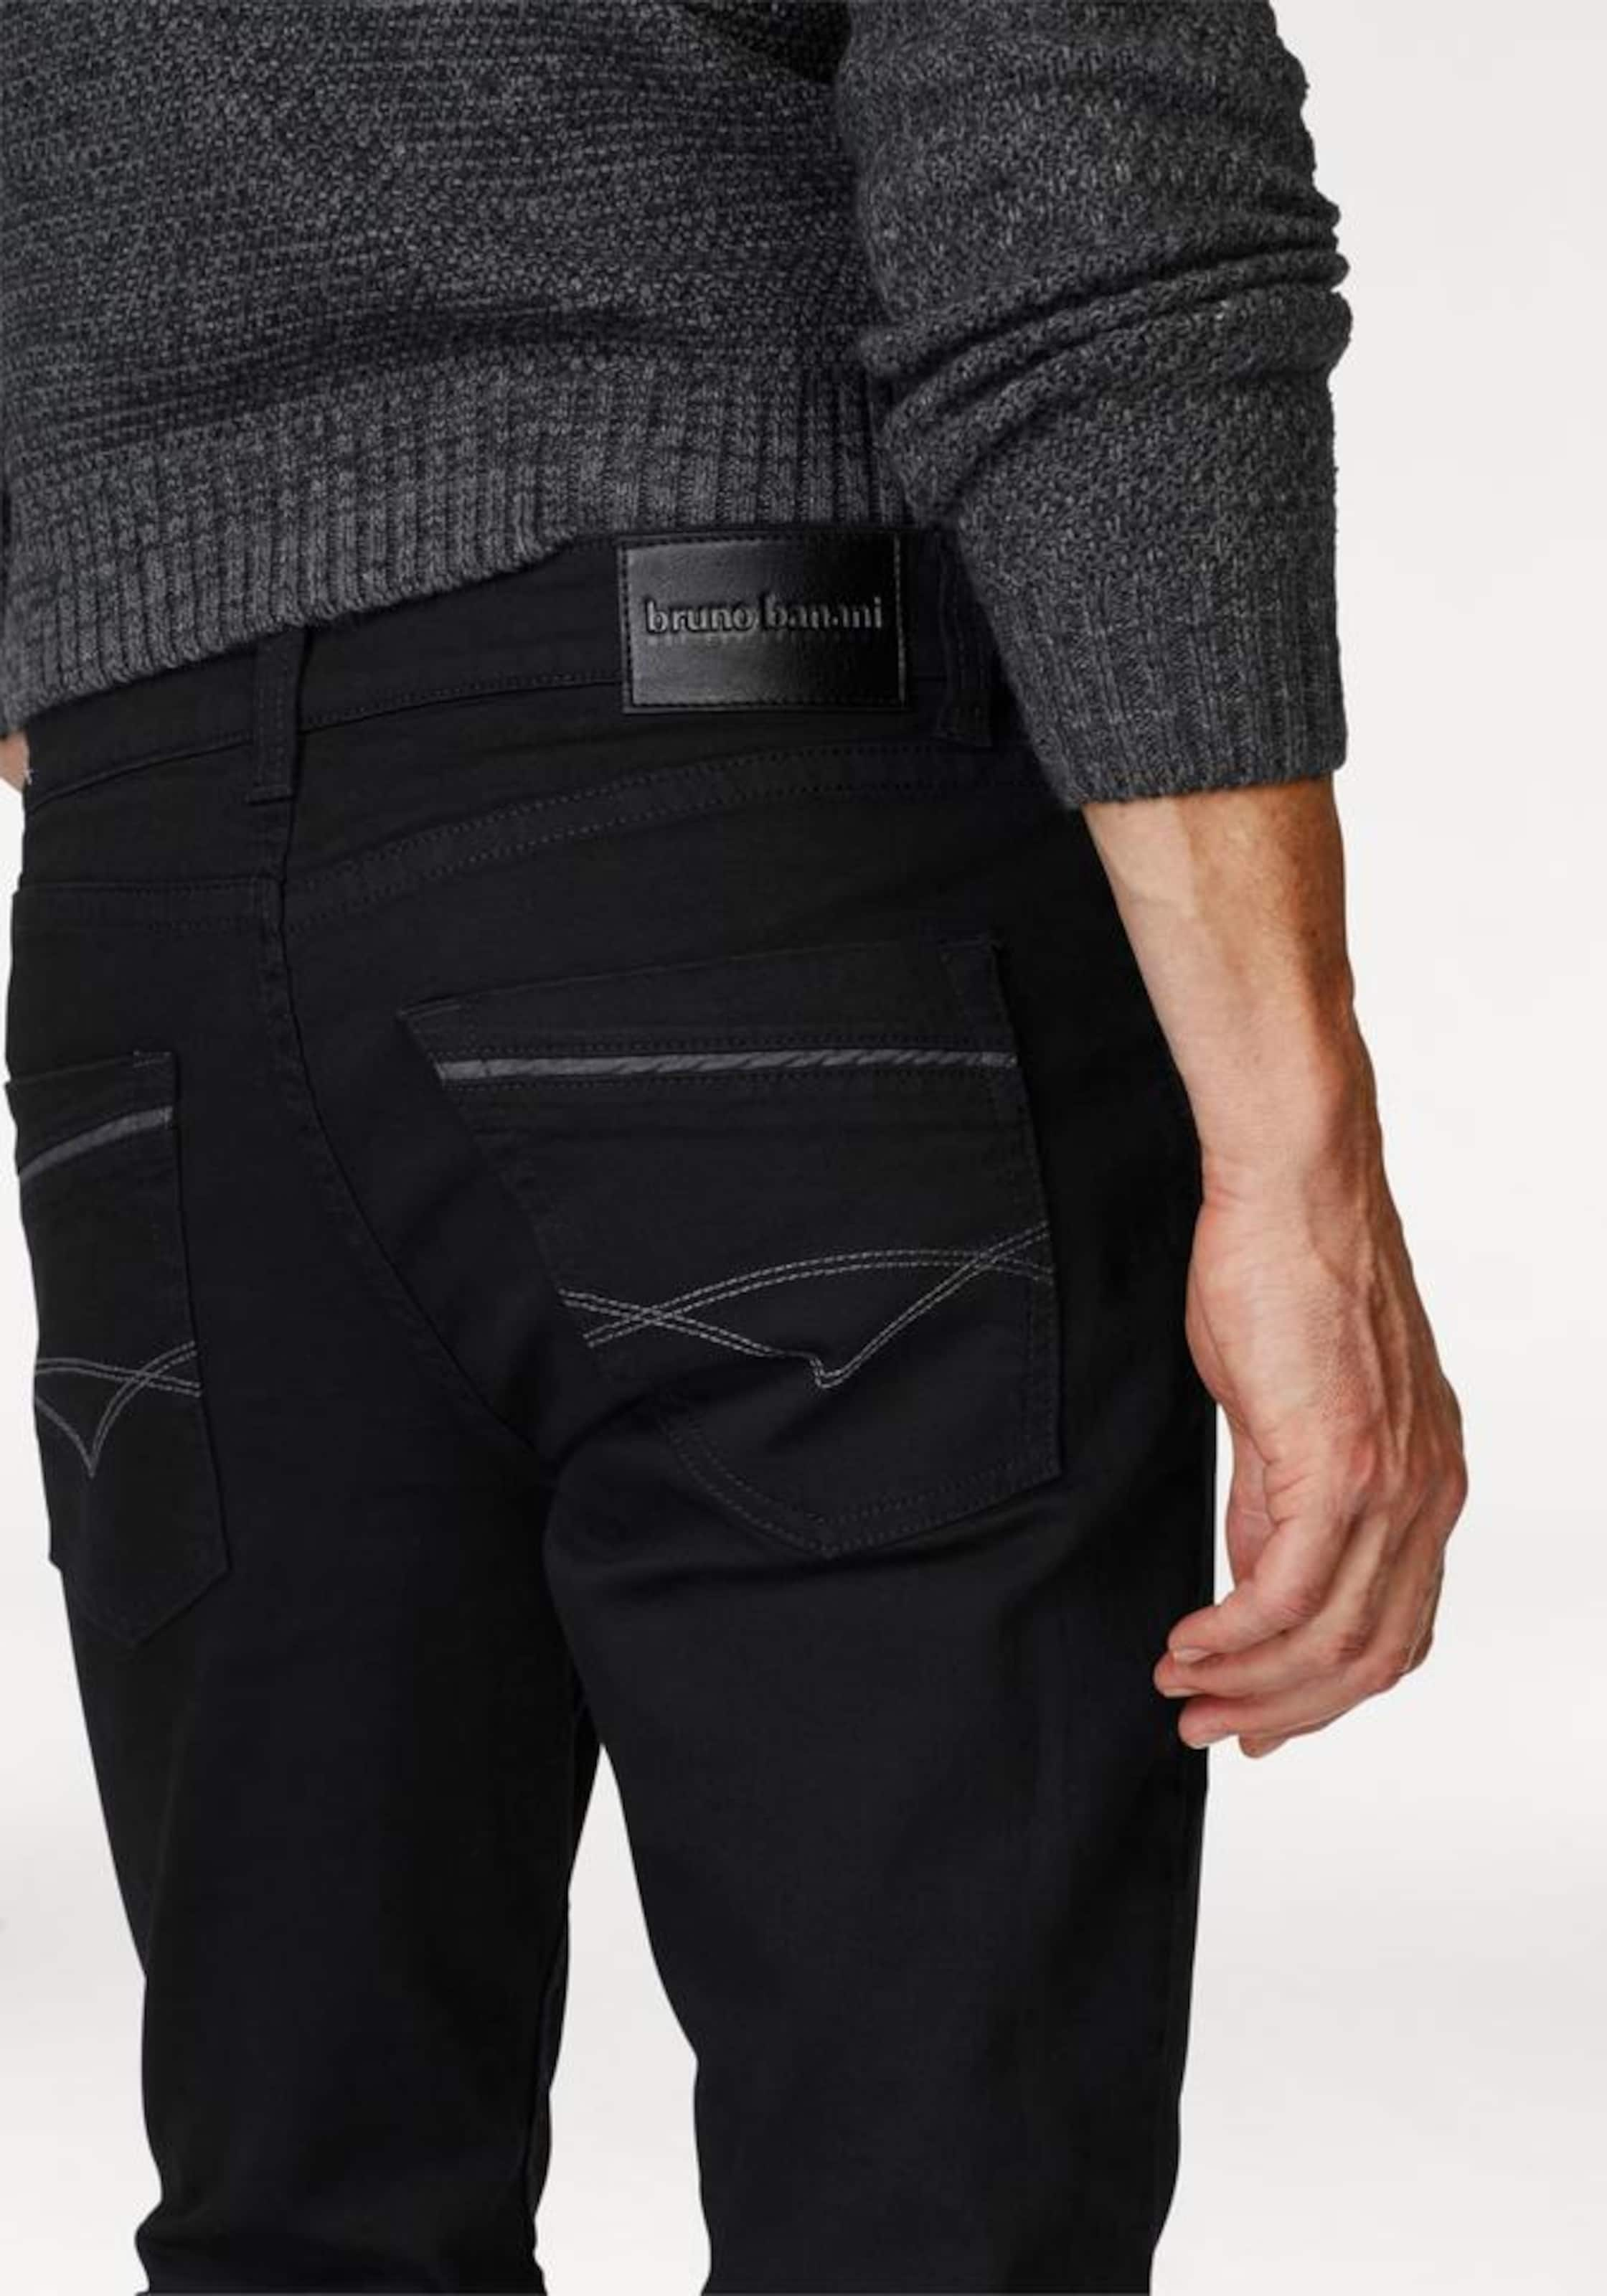 BRUNO BANANI Straight-Jeans Freies Verschiffen Veröffentlichungstermine Zu Verkaufen Sehr Billig Billig Verkauf Offizielle Seite Auslass Echt Größte Anbieter Günstiger Preis eFFjBB